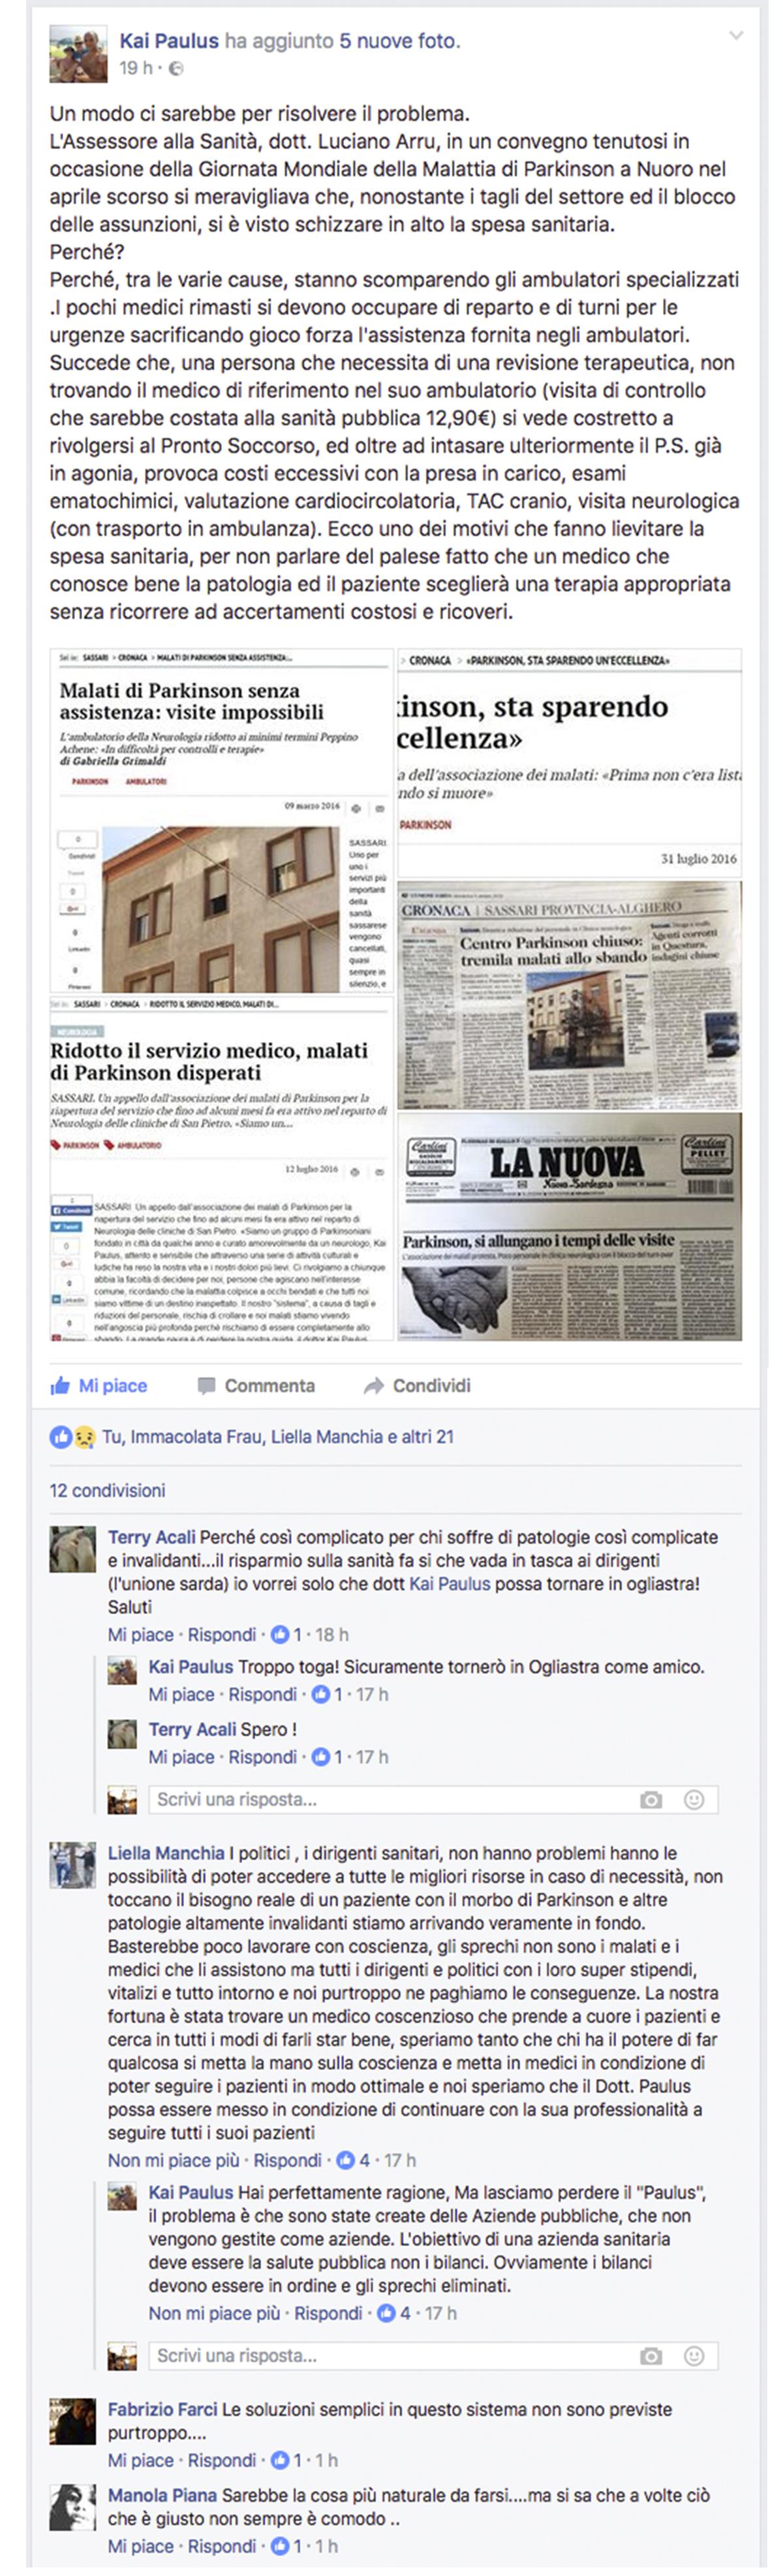 paulus-scrive-su-facebook